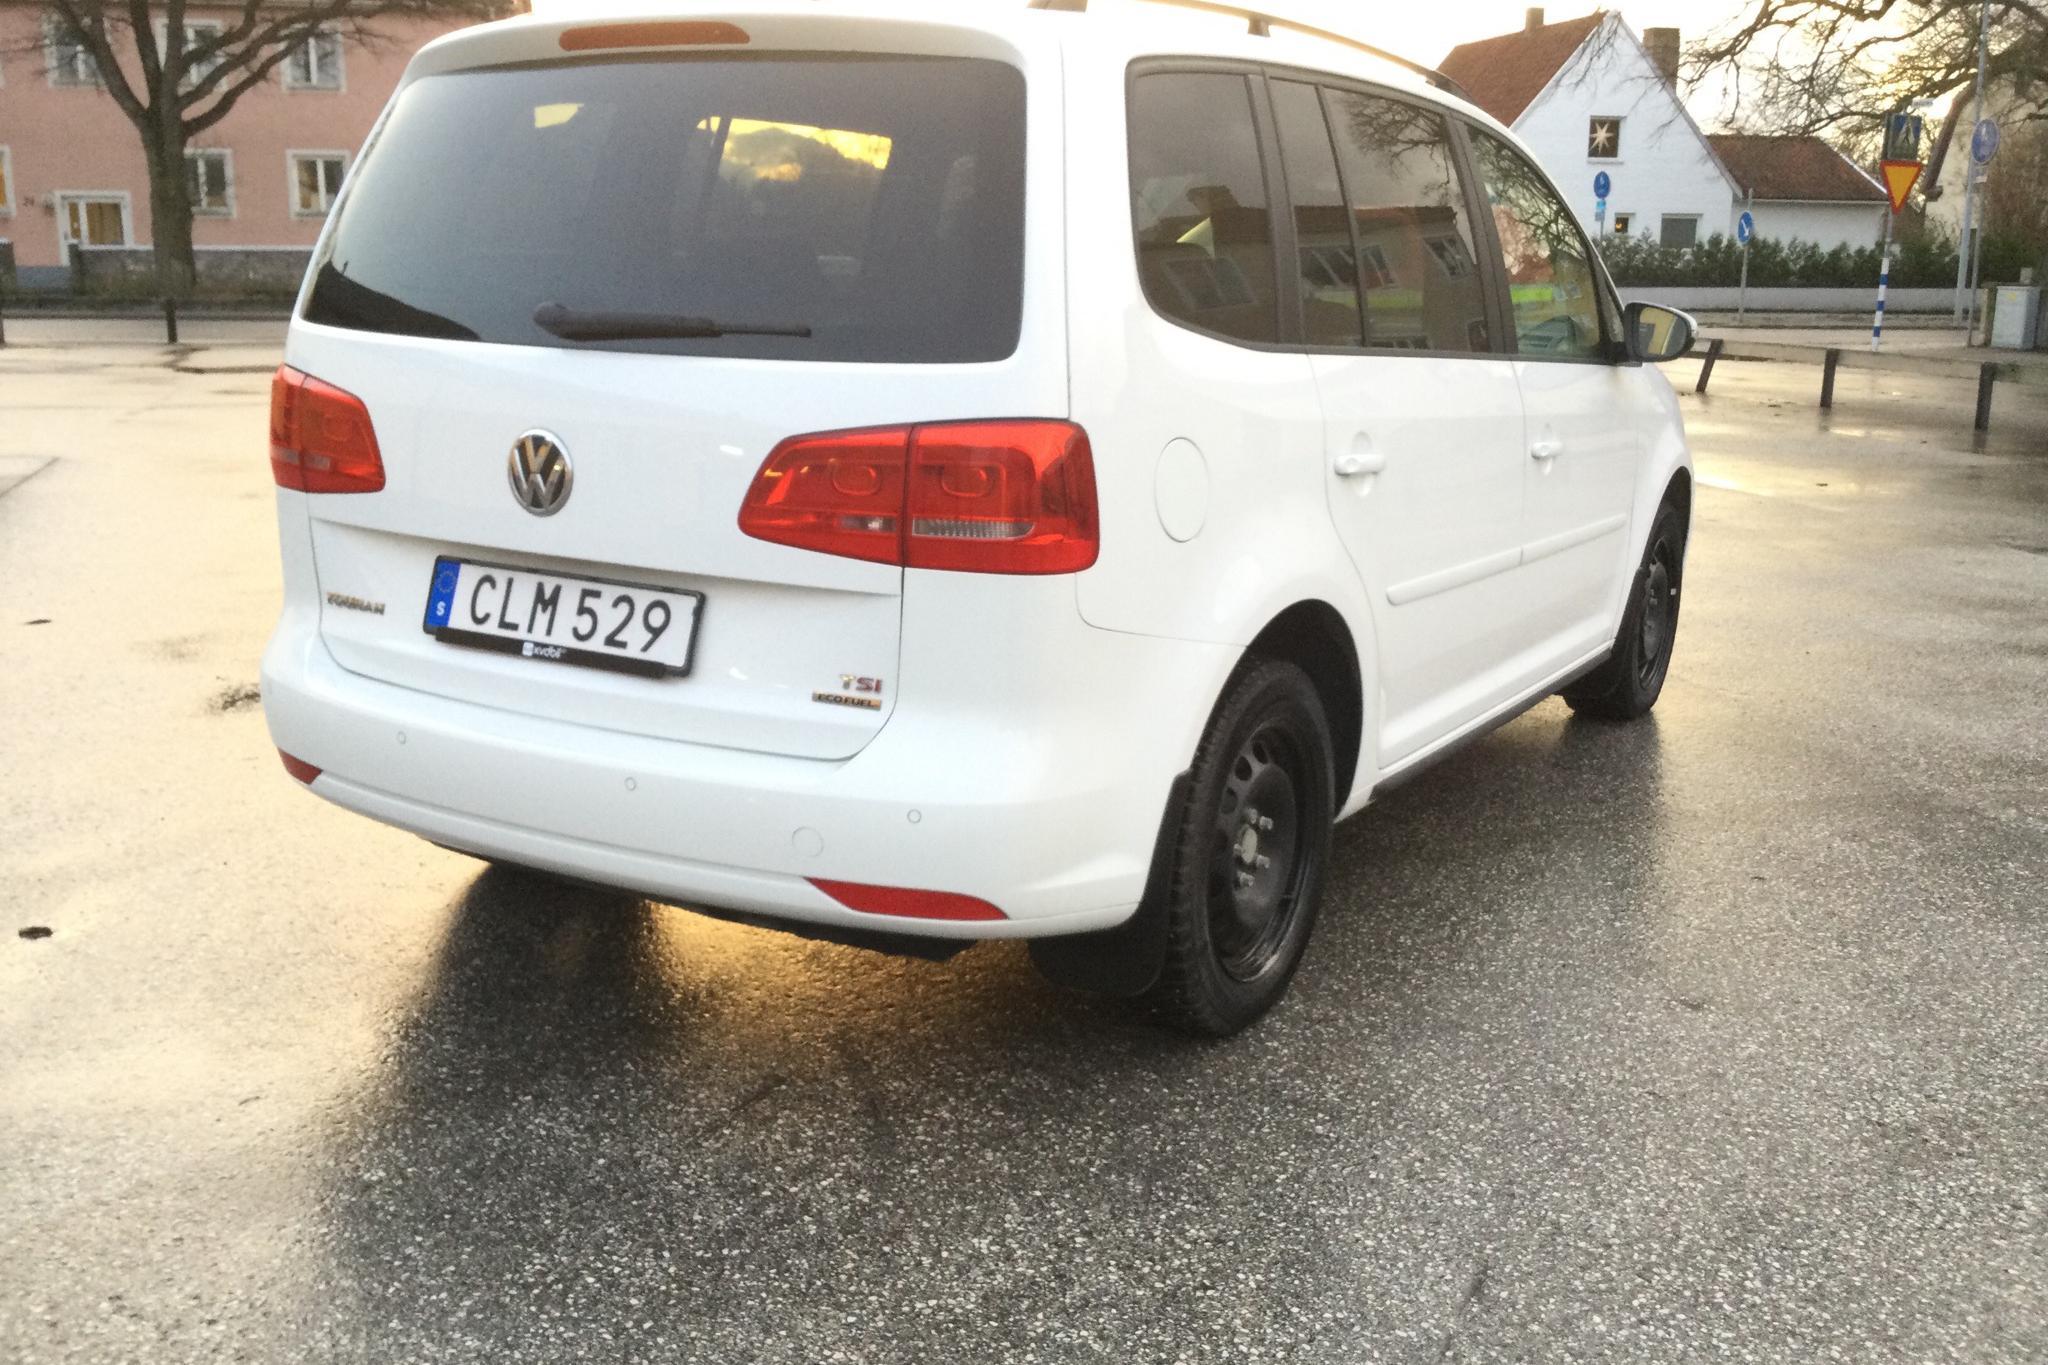 VW Touran 1.4 TGI EcoFuel (150hk) - 6 542 mil - Manuell - vit - 2014